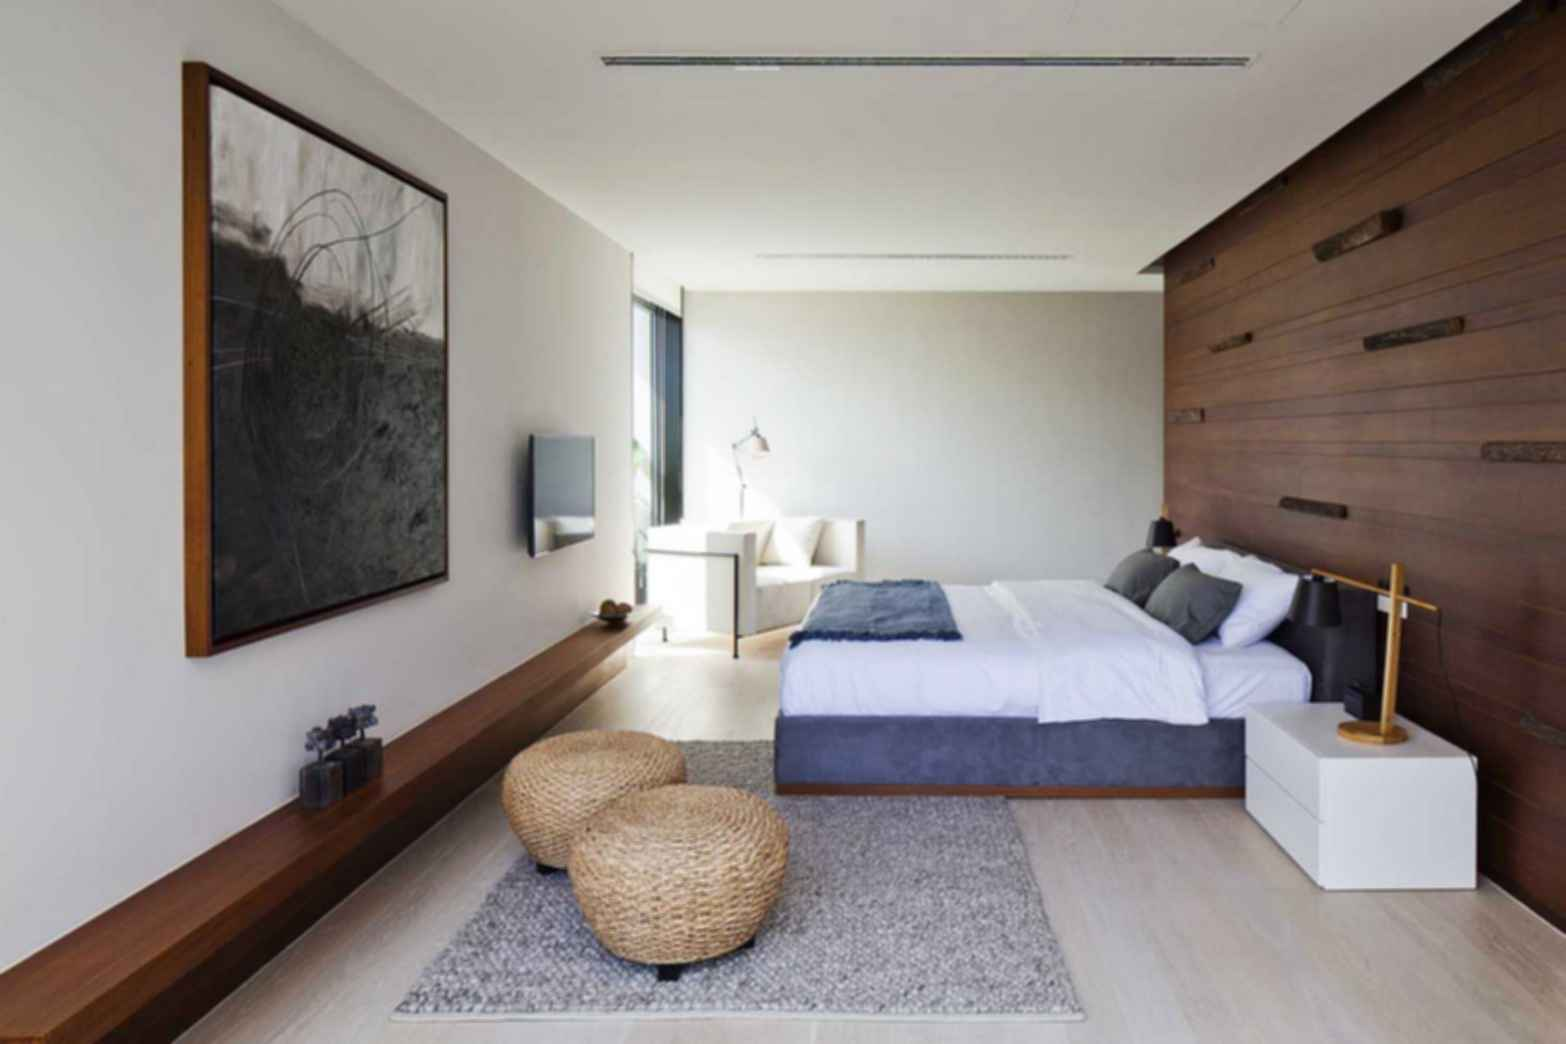 Indochina Villas Saigon - Bedroom